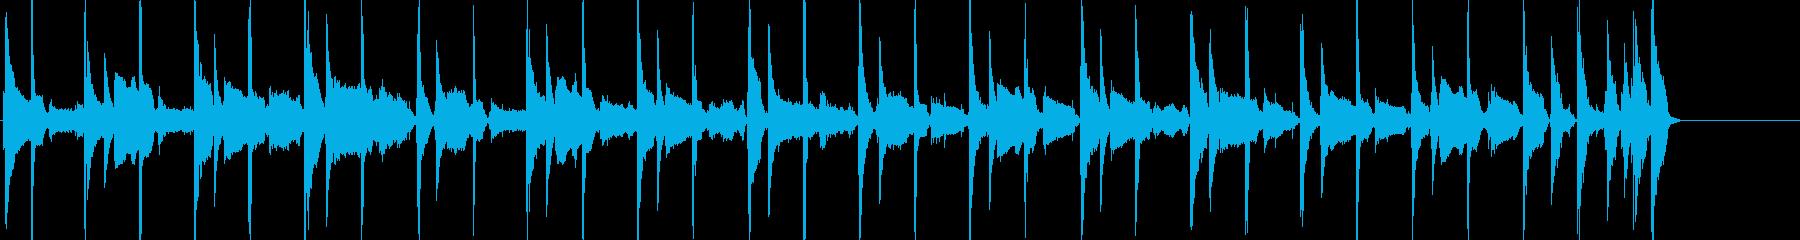 口笛とコンガ リラックスしたほのぼのな曲の再生済みの波形